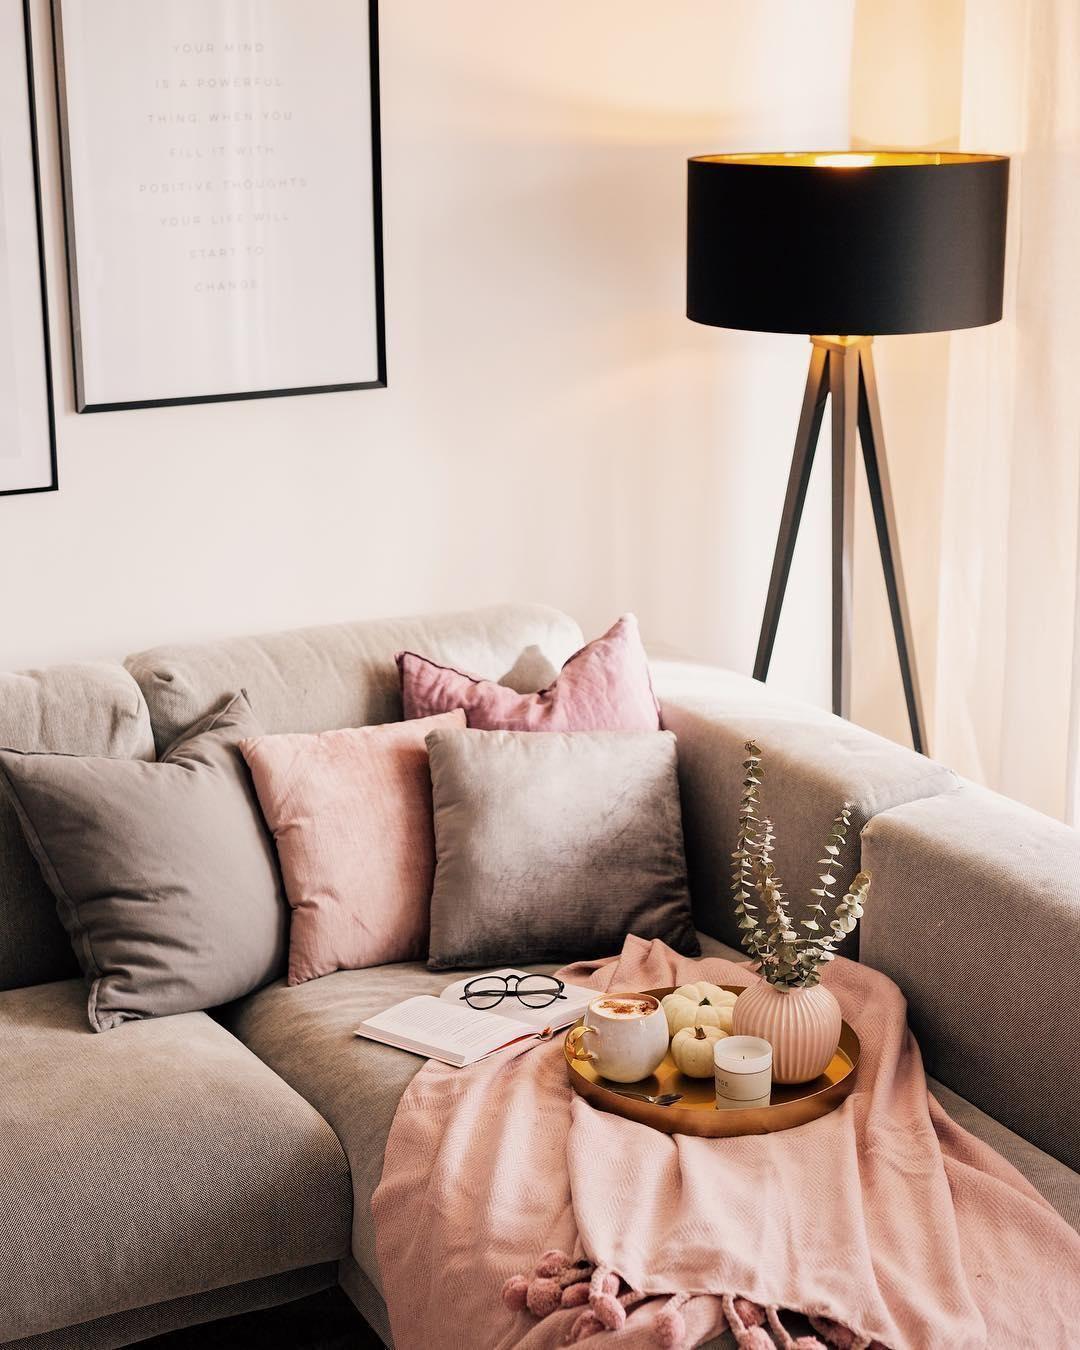 Get Cozy - Zeit für ein kuscheliges Zuhause! Unser Geheimrezept